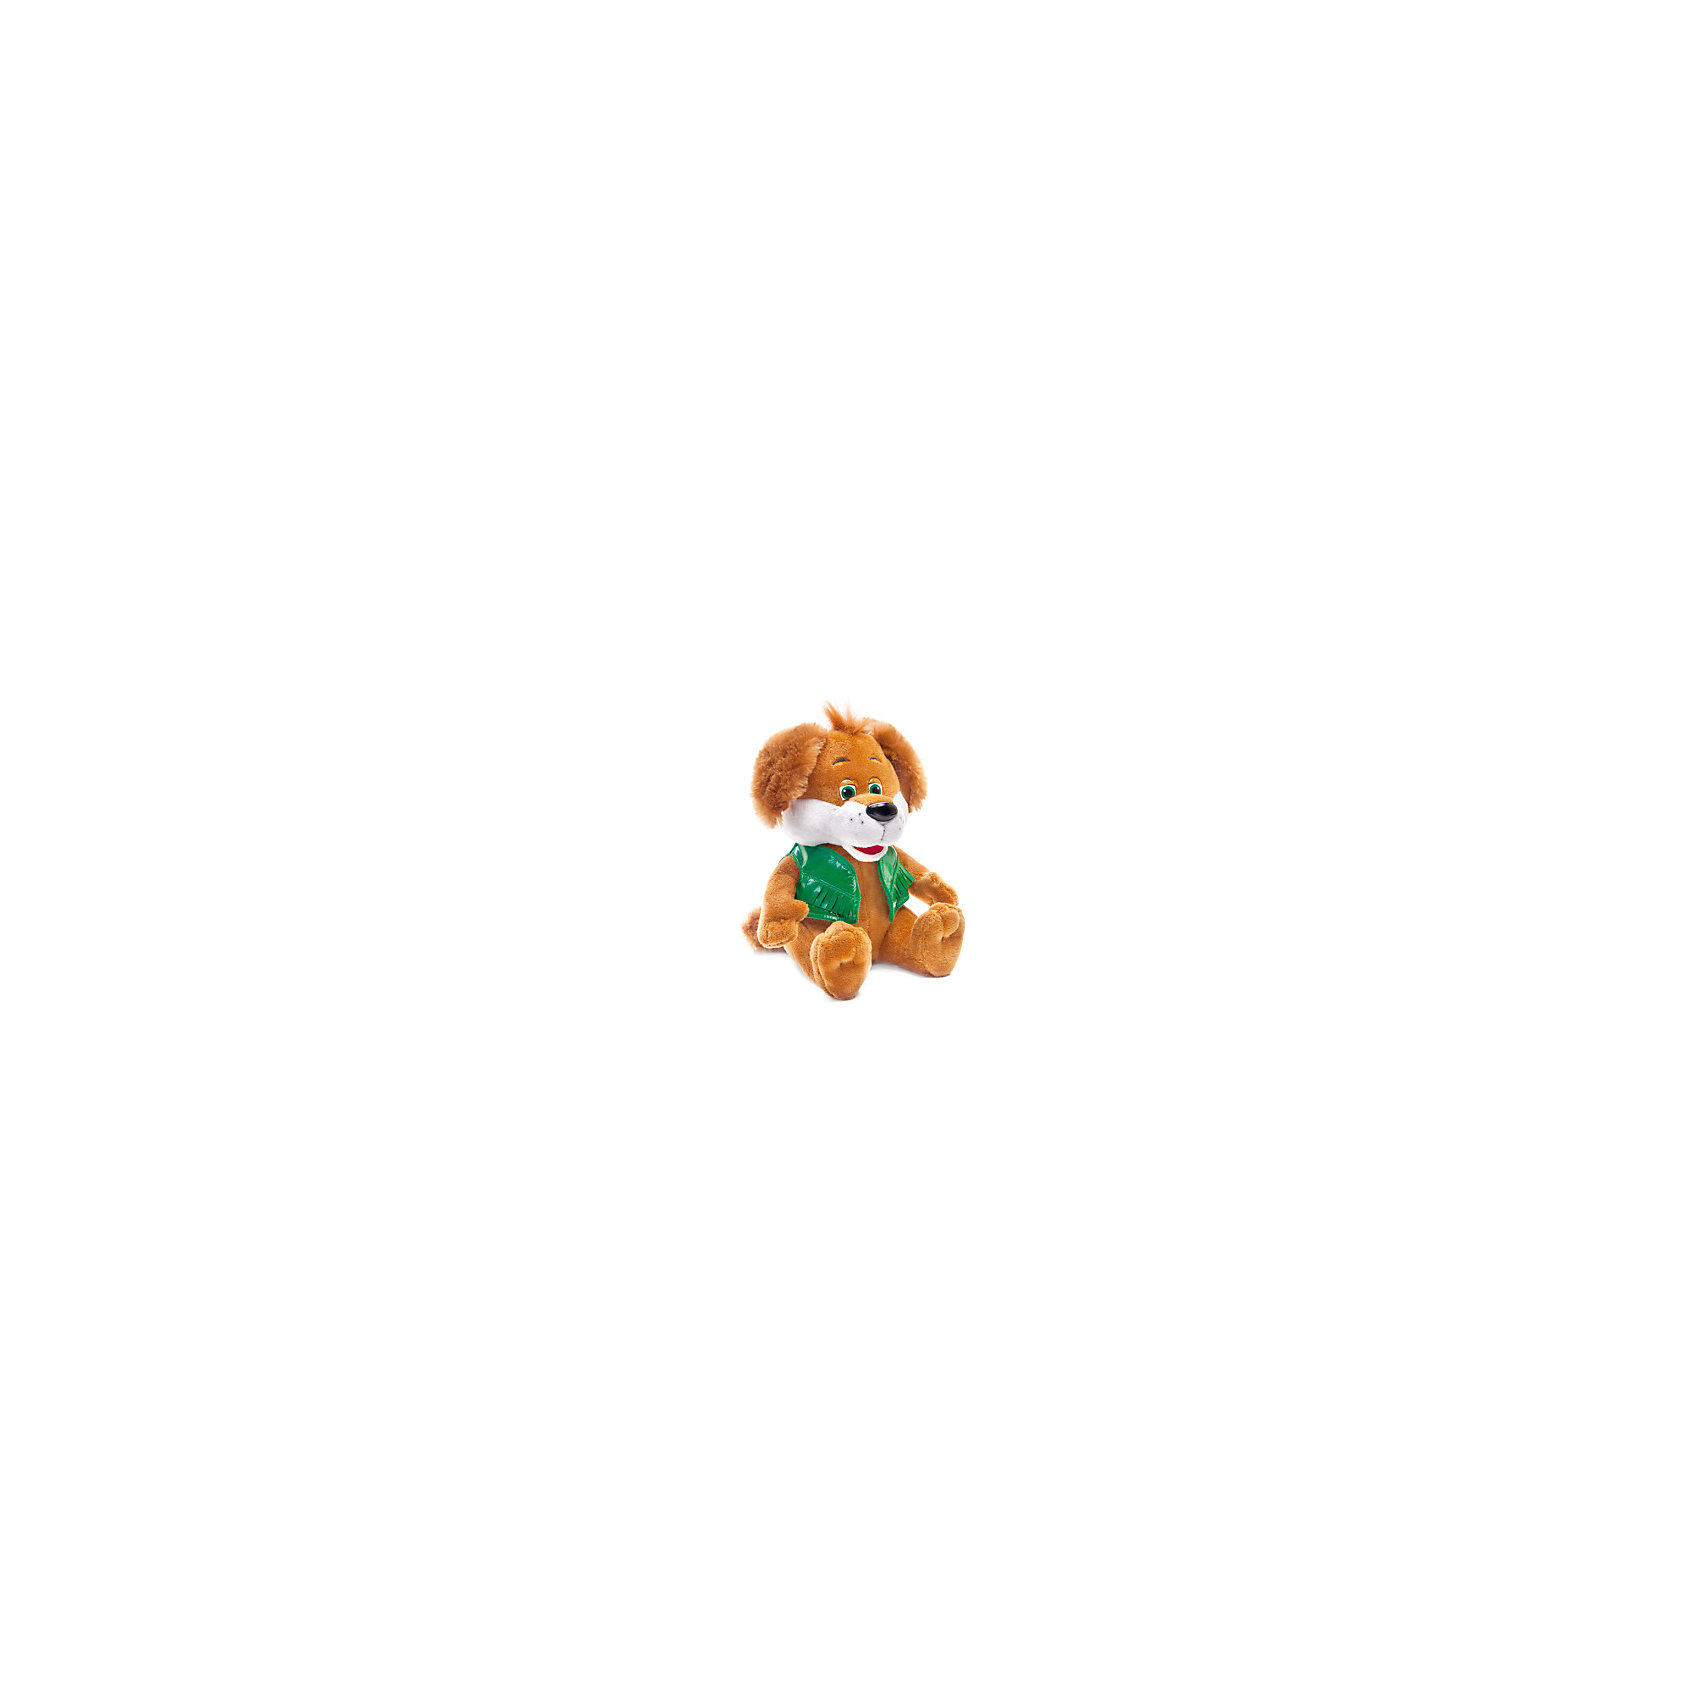 Пёс в жилетке, музыкальный, 24 см, LAVAКошки и собаки<br>Очаровательная мягкая игрушка сделана в виде рыжего щенка в жилетке. Она поможет ребенку проводить время весело и с пользой (такие игрушки развивают воображение и моторику). В игрушке есть встроенный звуковой модуль, работающий на батарейках.<br>Размер игрушки универсален - 24 сантиметра, её удобно брать с собой в поездки и на прогулку. Сделан Щенок из качественных и безопасных для ребенка материалов, которые еще и приятны на ощупь. Эта игрушка может стать и отличным подарком для взрослого.<br><br>Дополнительная информация:<br><br>- материал: текстиль, пластик;<br>- звуковой модуль;<br>- язык: русский;<br>- работает на батарейках;<br>- высота: 24 см.<br><br>Игрушку Пёс в жилетке, музыкальный, 24 см, от марки LAVA можно купить в нашем магазине.<br><br>Ширина мм: 200<br>Глубина мм: 140<br>Высота мм: 110<br>Вес г: 221<br>Возраст от месяцев: 36<br>Возраст до месяцев: 1188<br>Пол: Унисекс<br>Возраст: Детский<br>SKU: 4701867